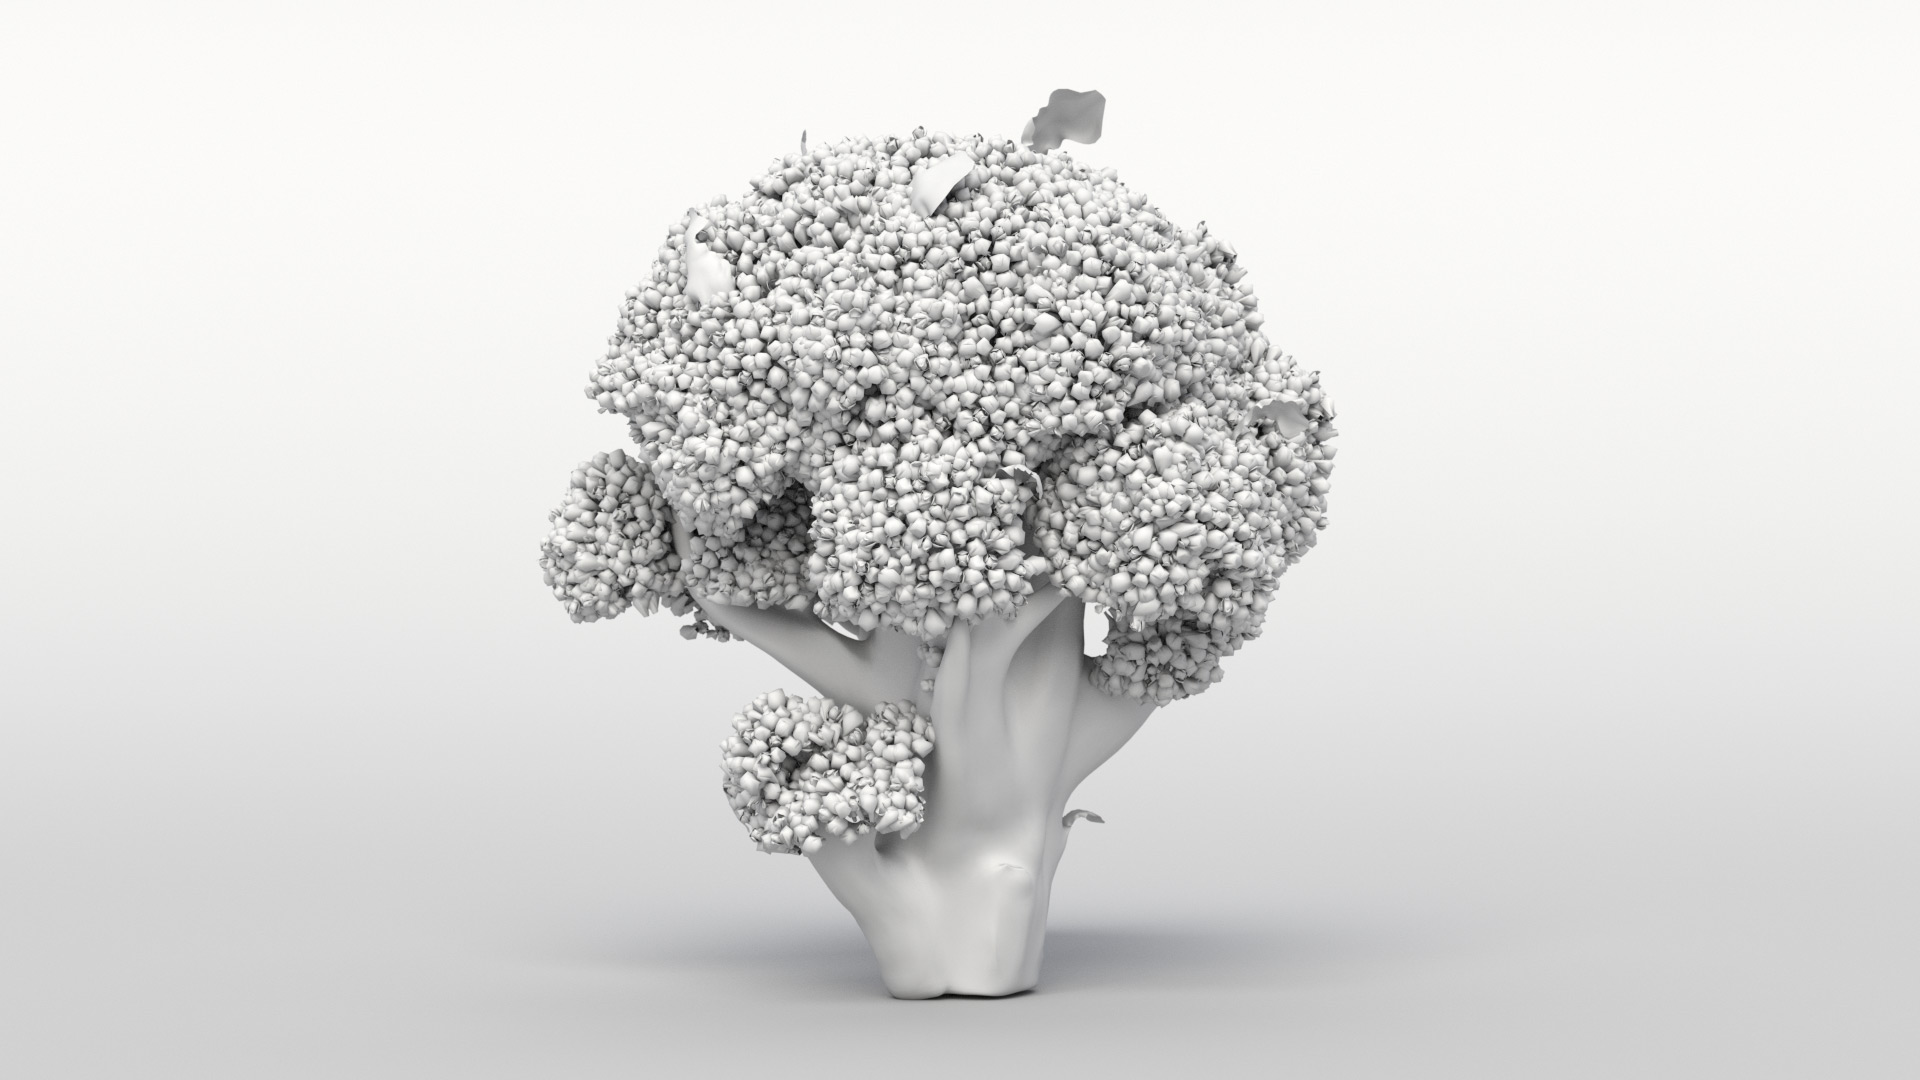 Brokoli_turntable_00000